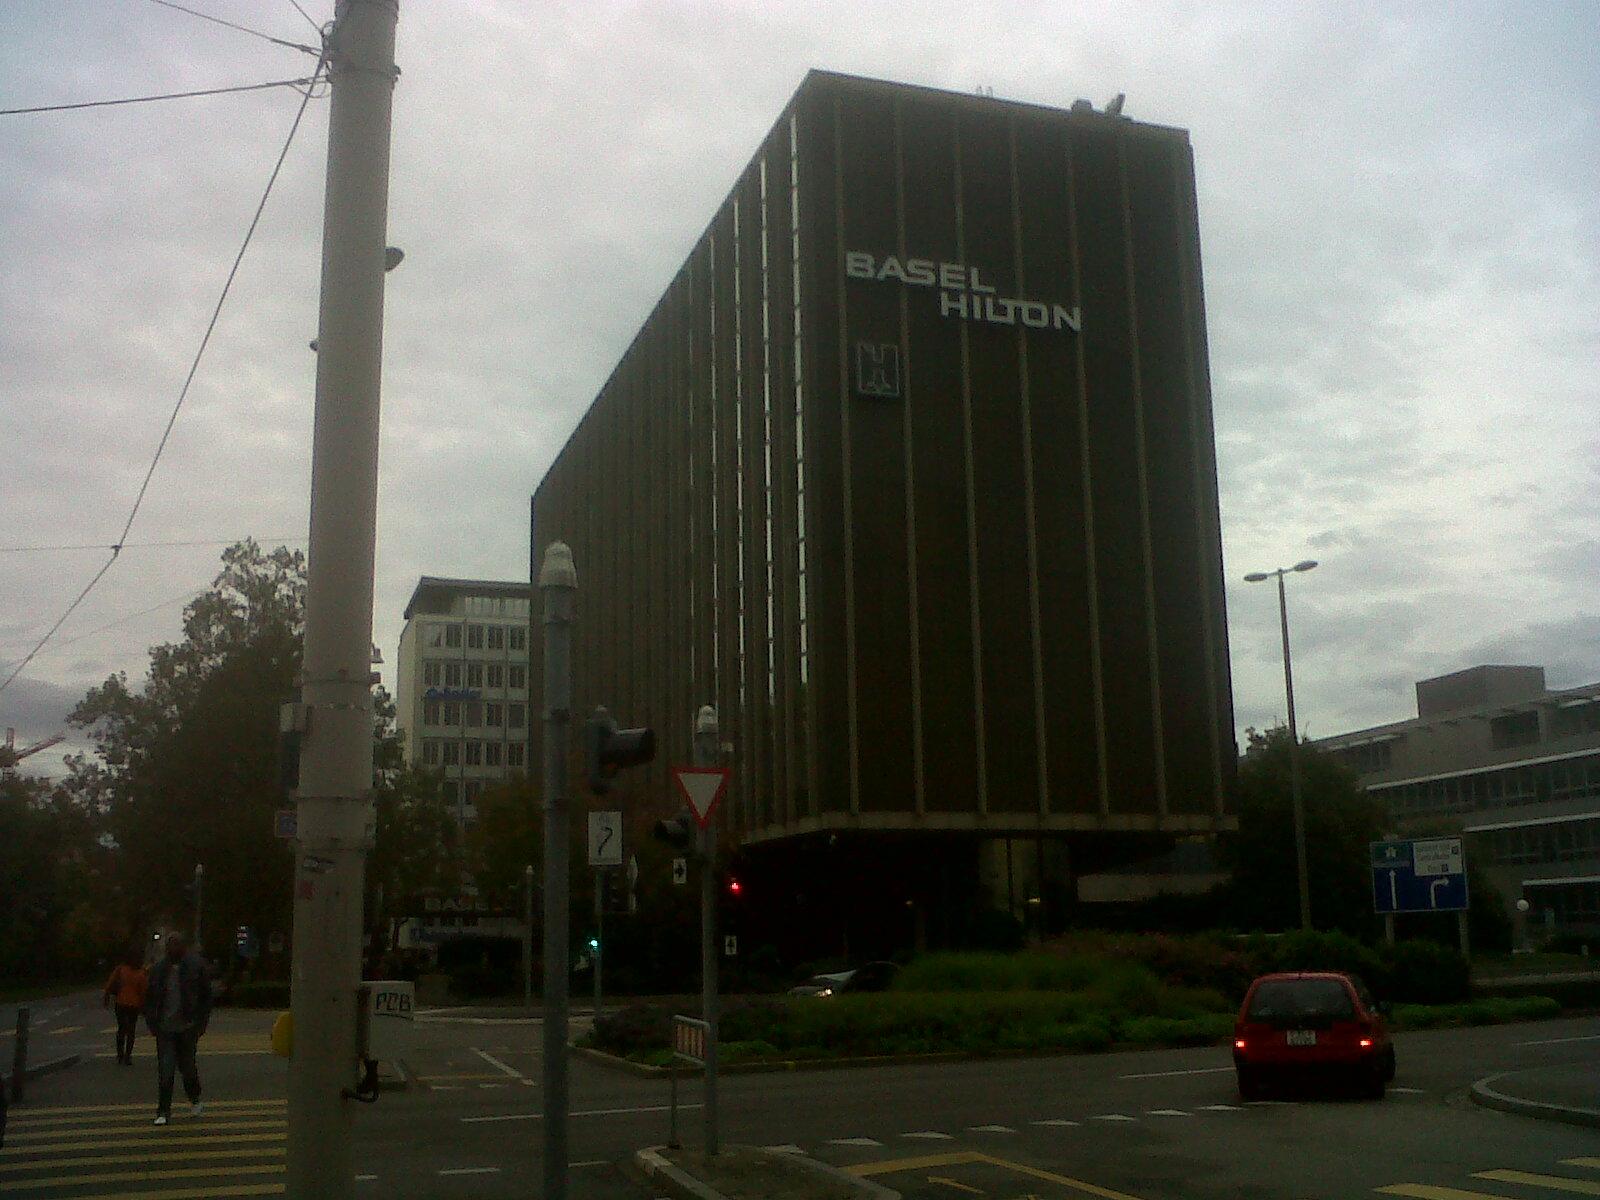 basel-hilton-hotel-arriving-oct13